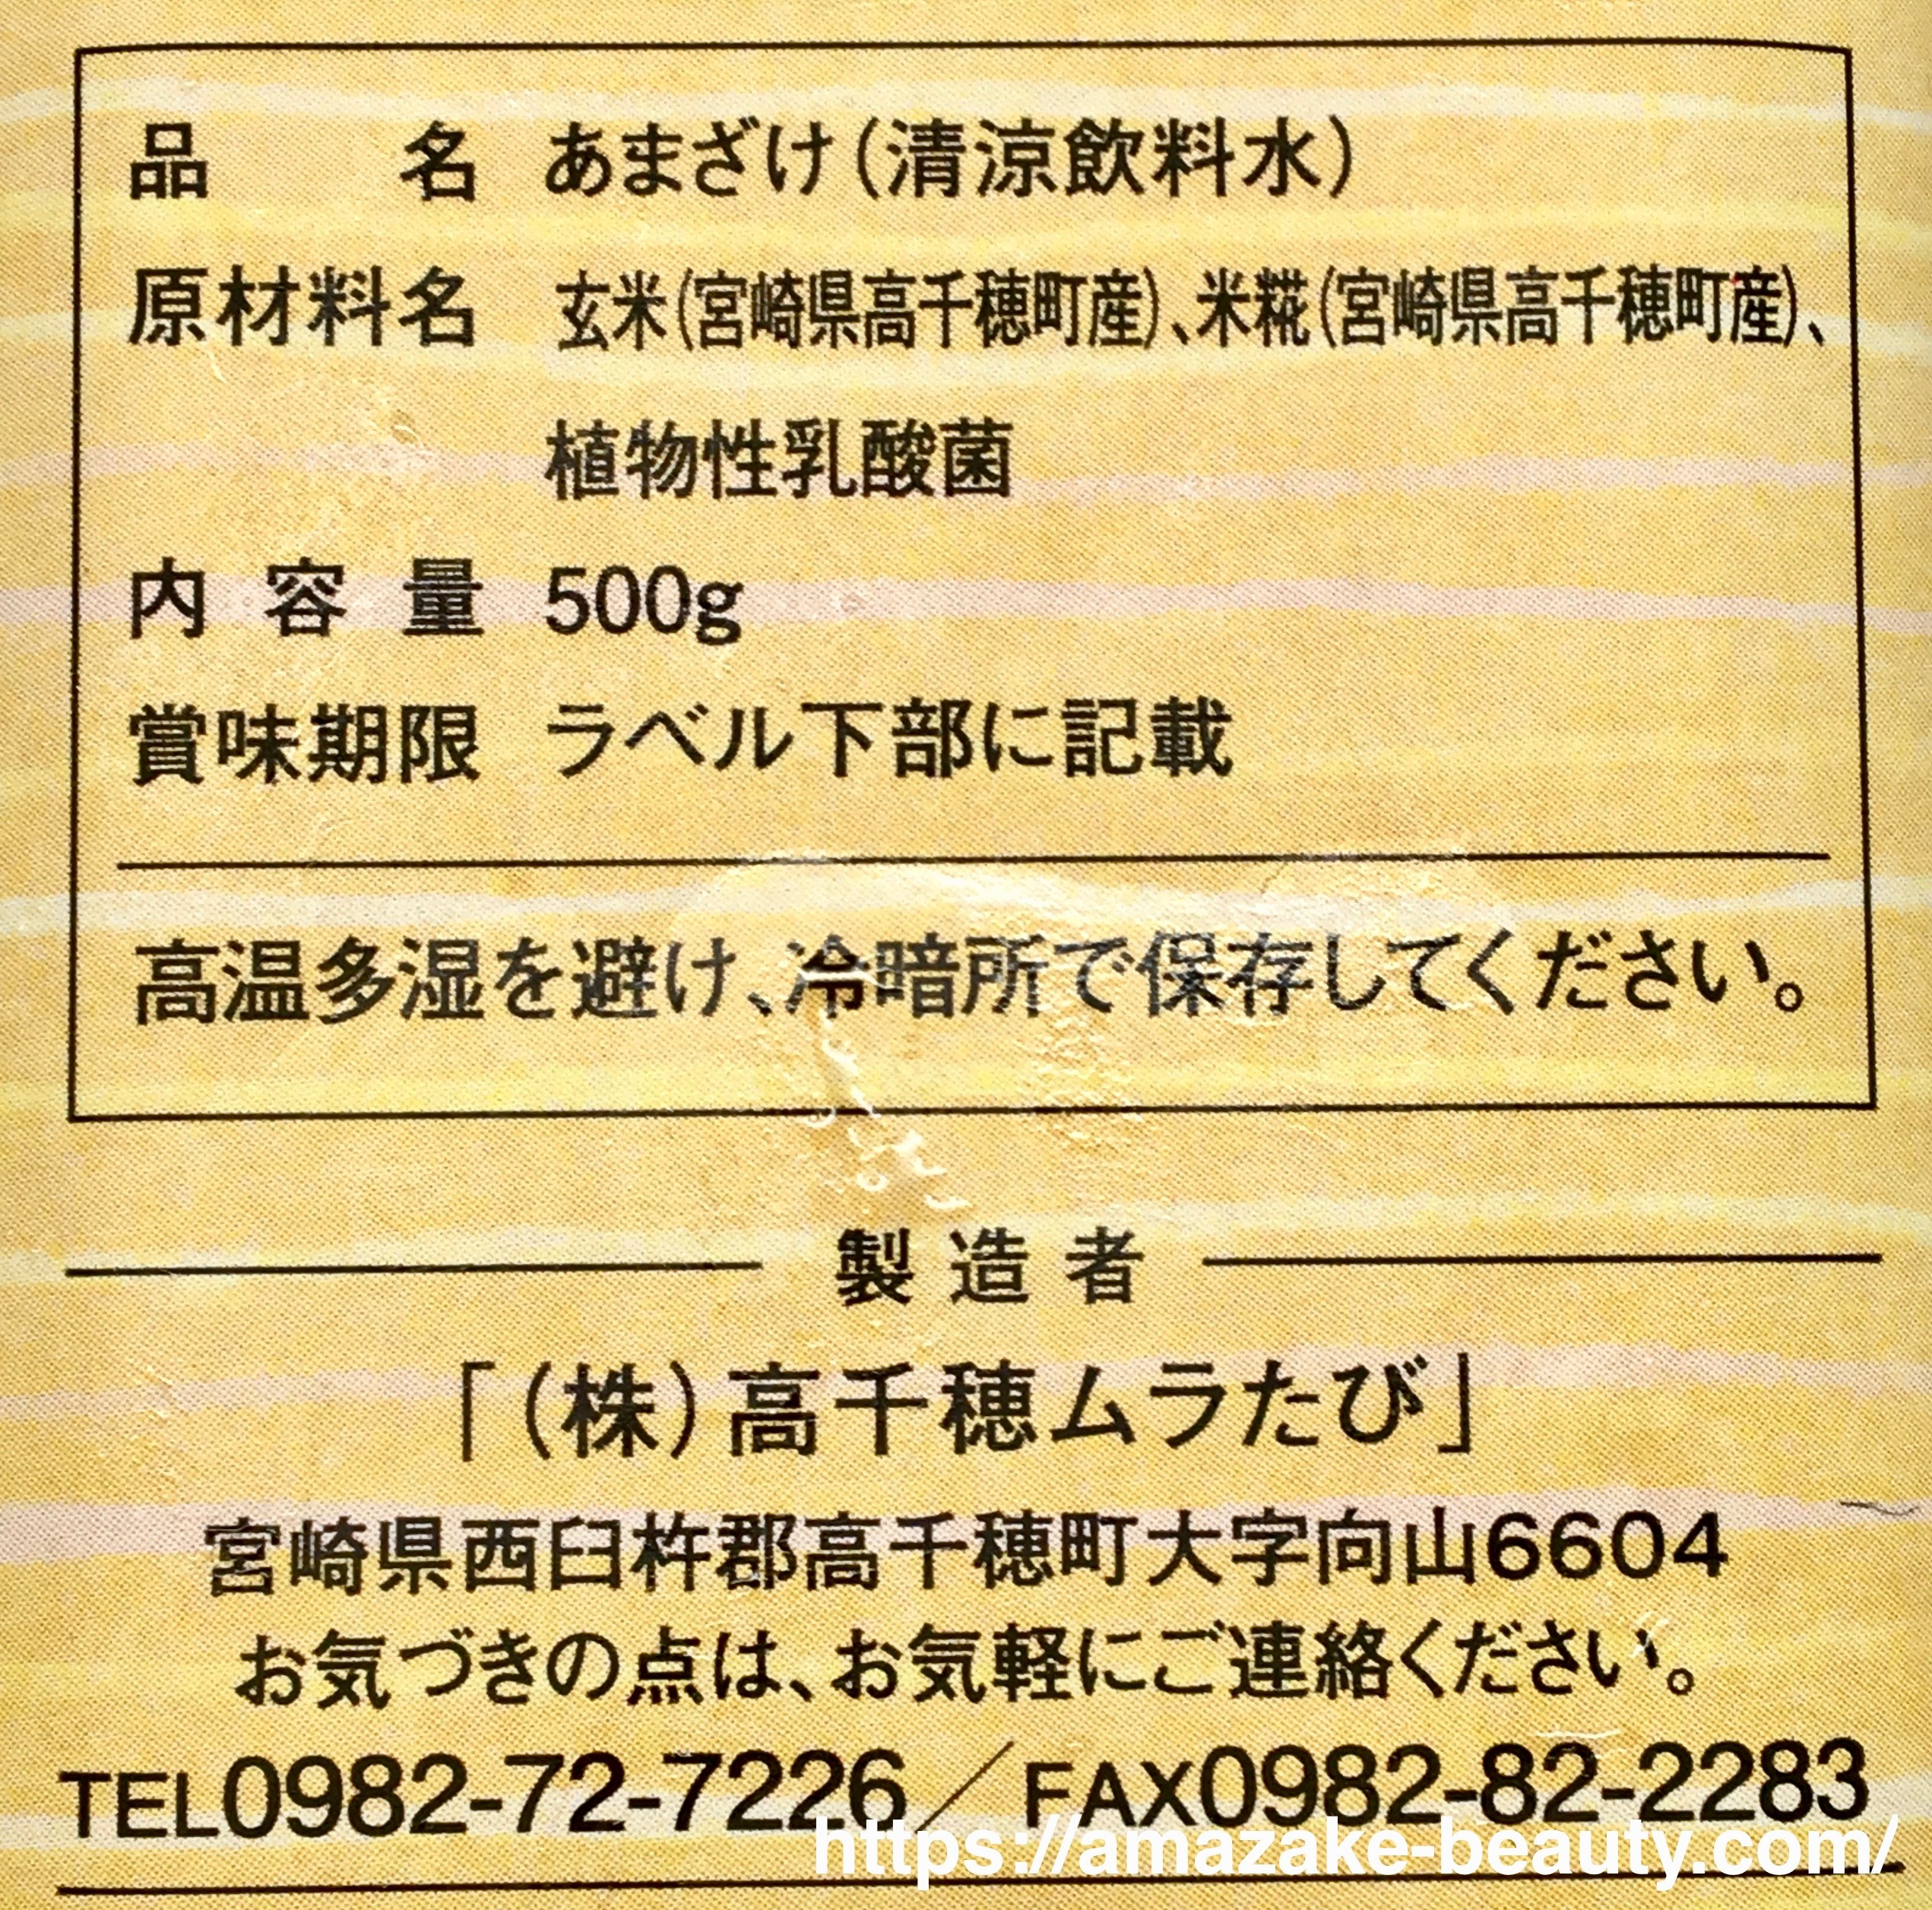 【甘酒】高千穂『ちほまろ(玄米)』(商品情報)